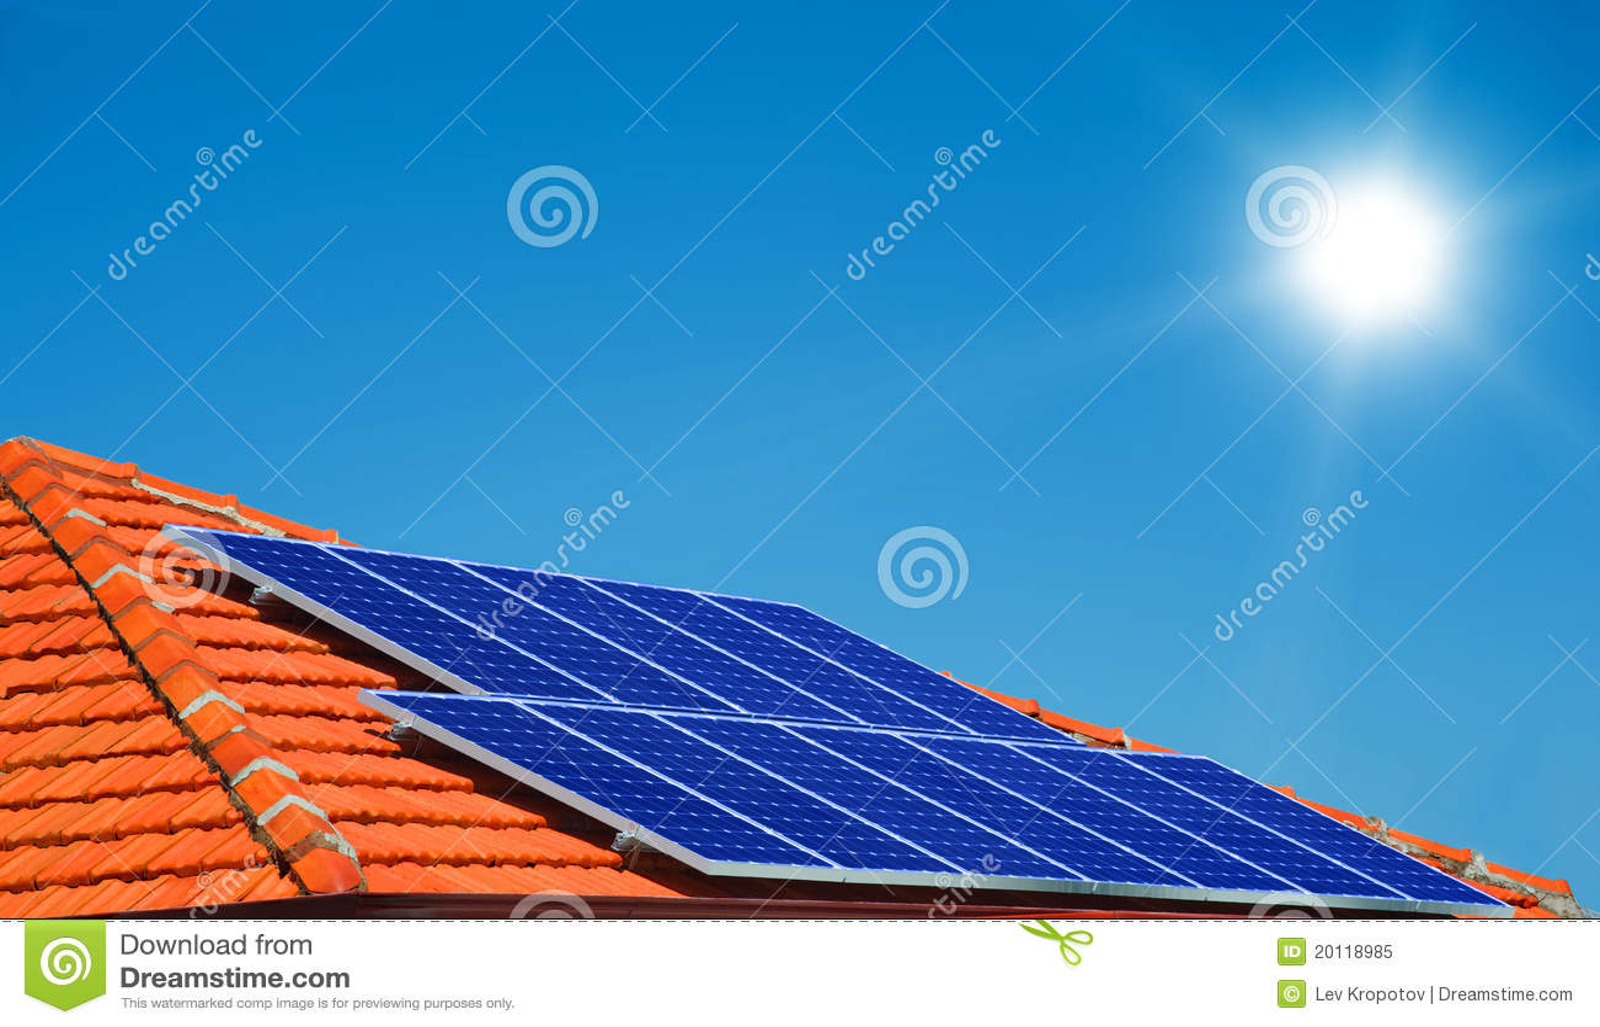 Comitati solari